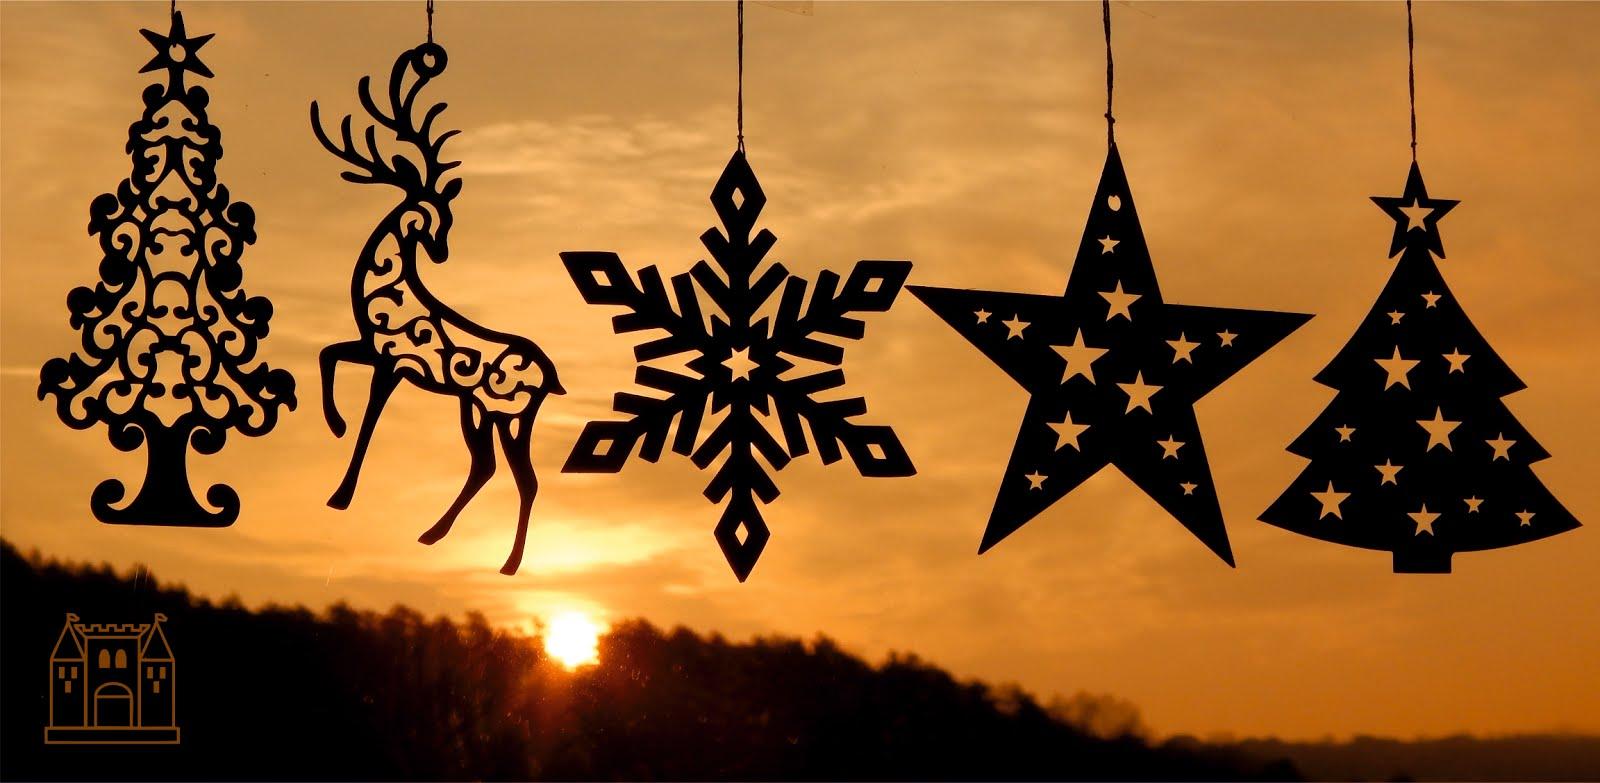 Karácsonyi díszek / Xmas decorations